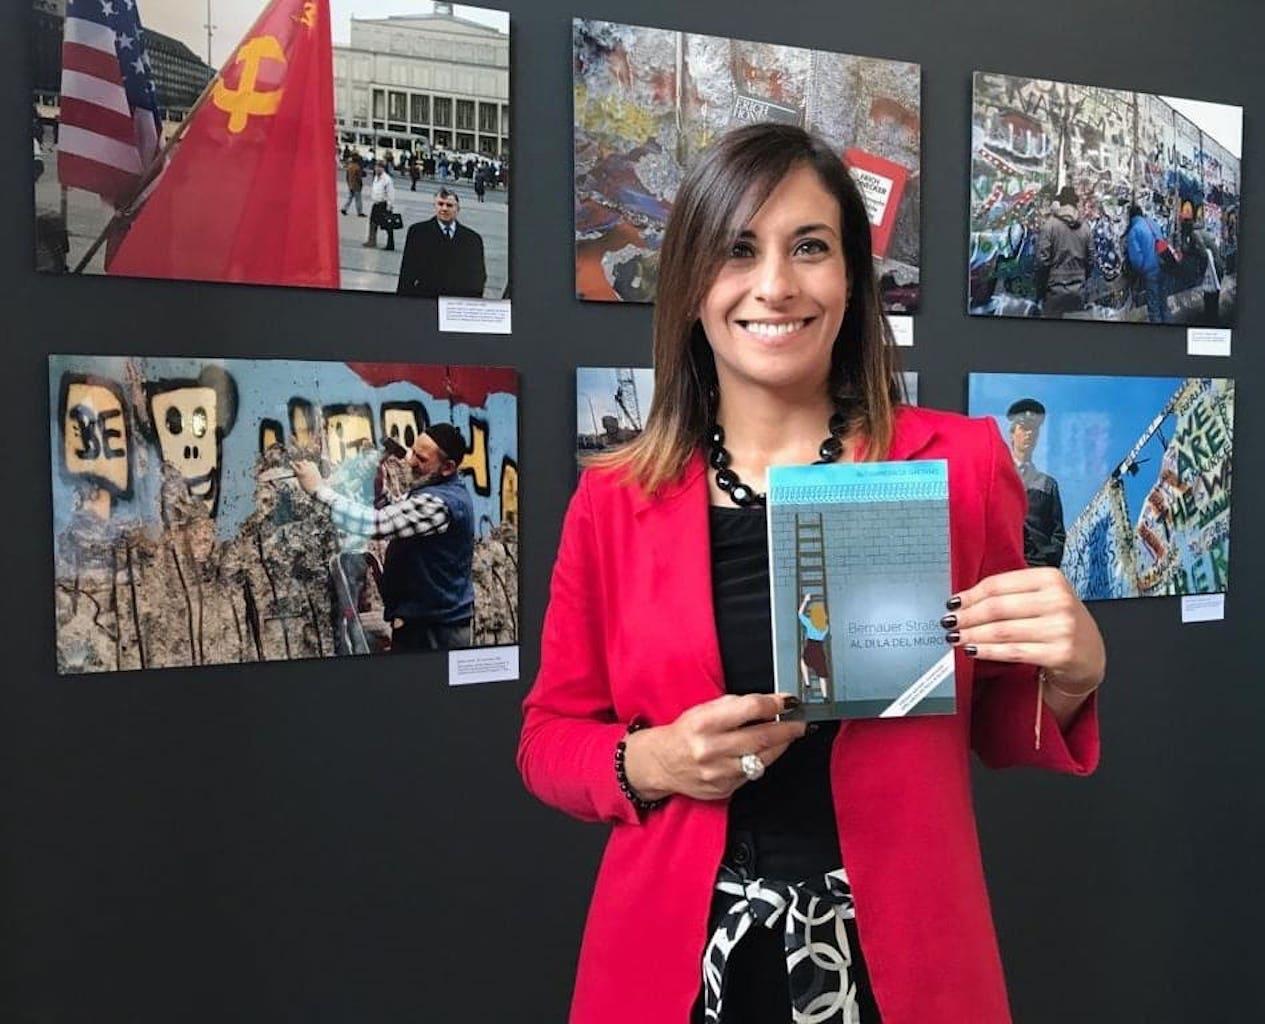 """Alessandra Bianchi Architetto bernauer straβe – al di là del muro"""" e berlino: intervista"""